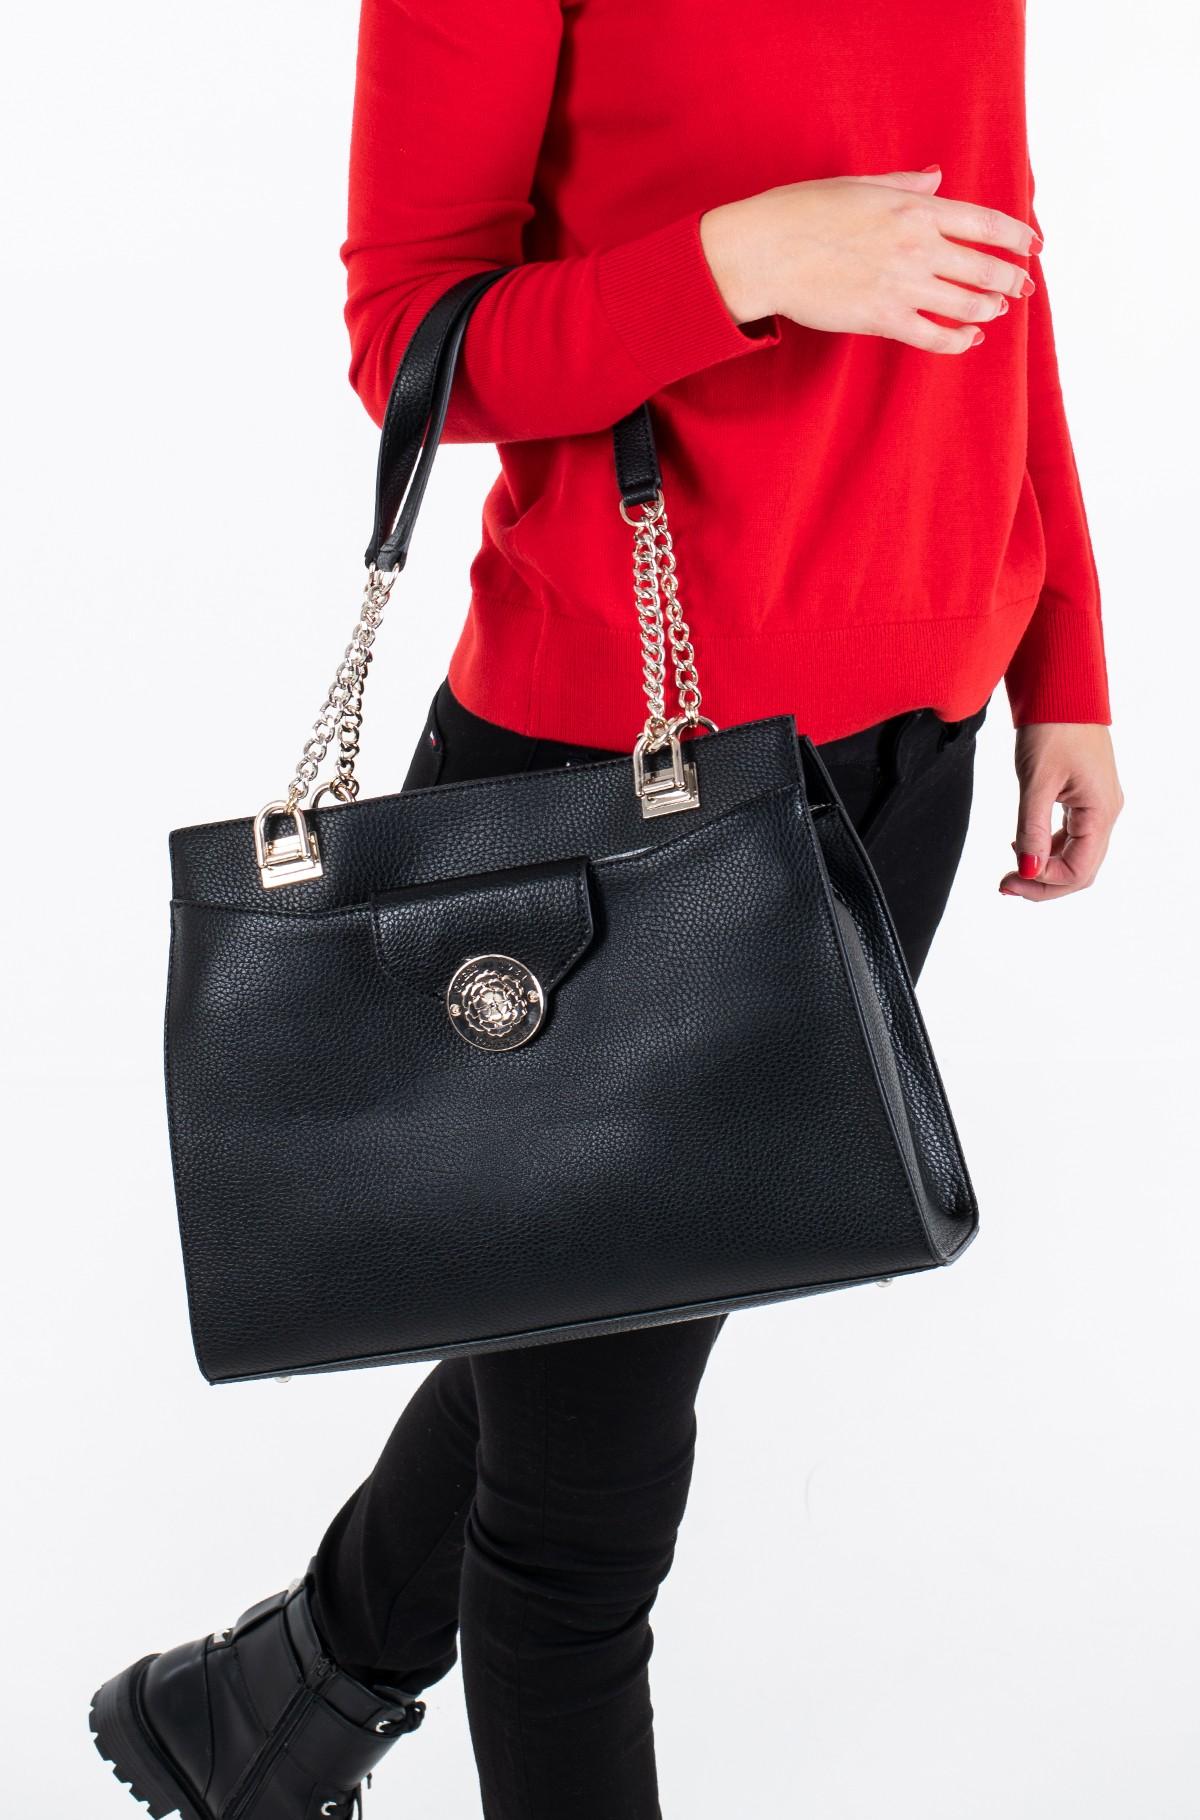 Handbag HWVG77 44230-full-1